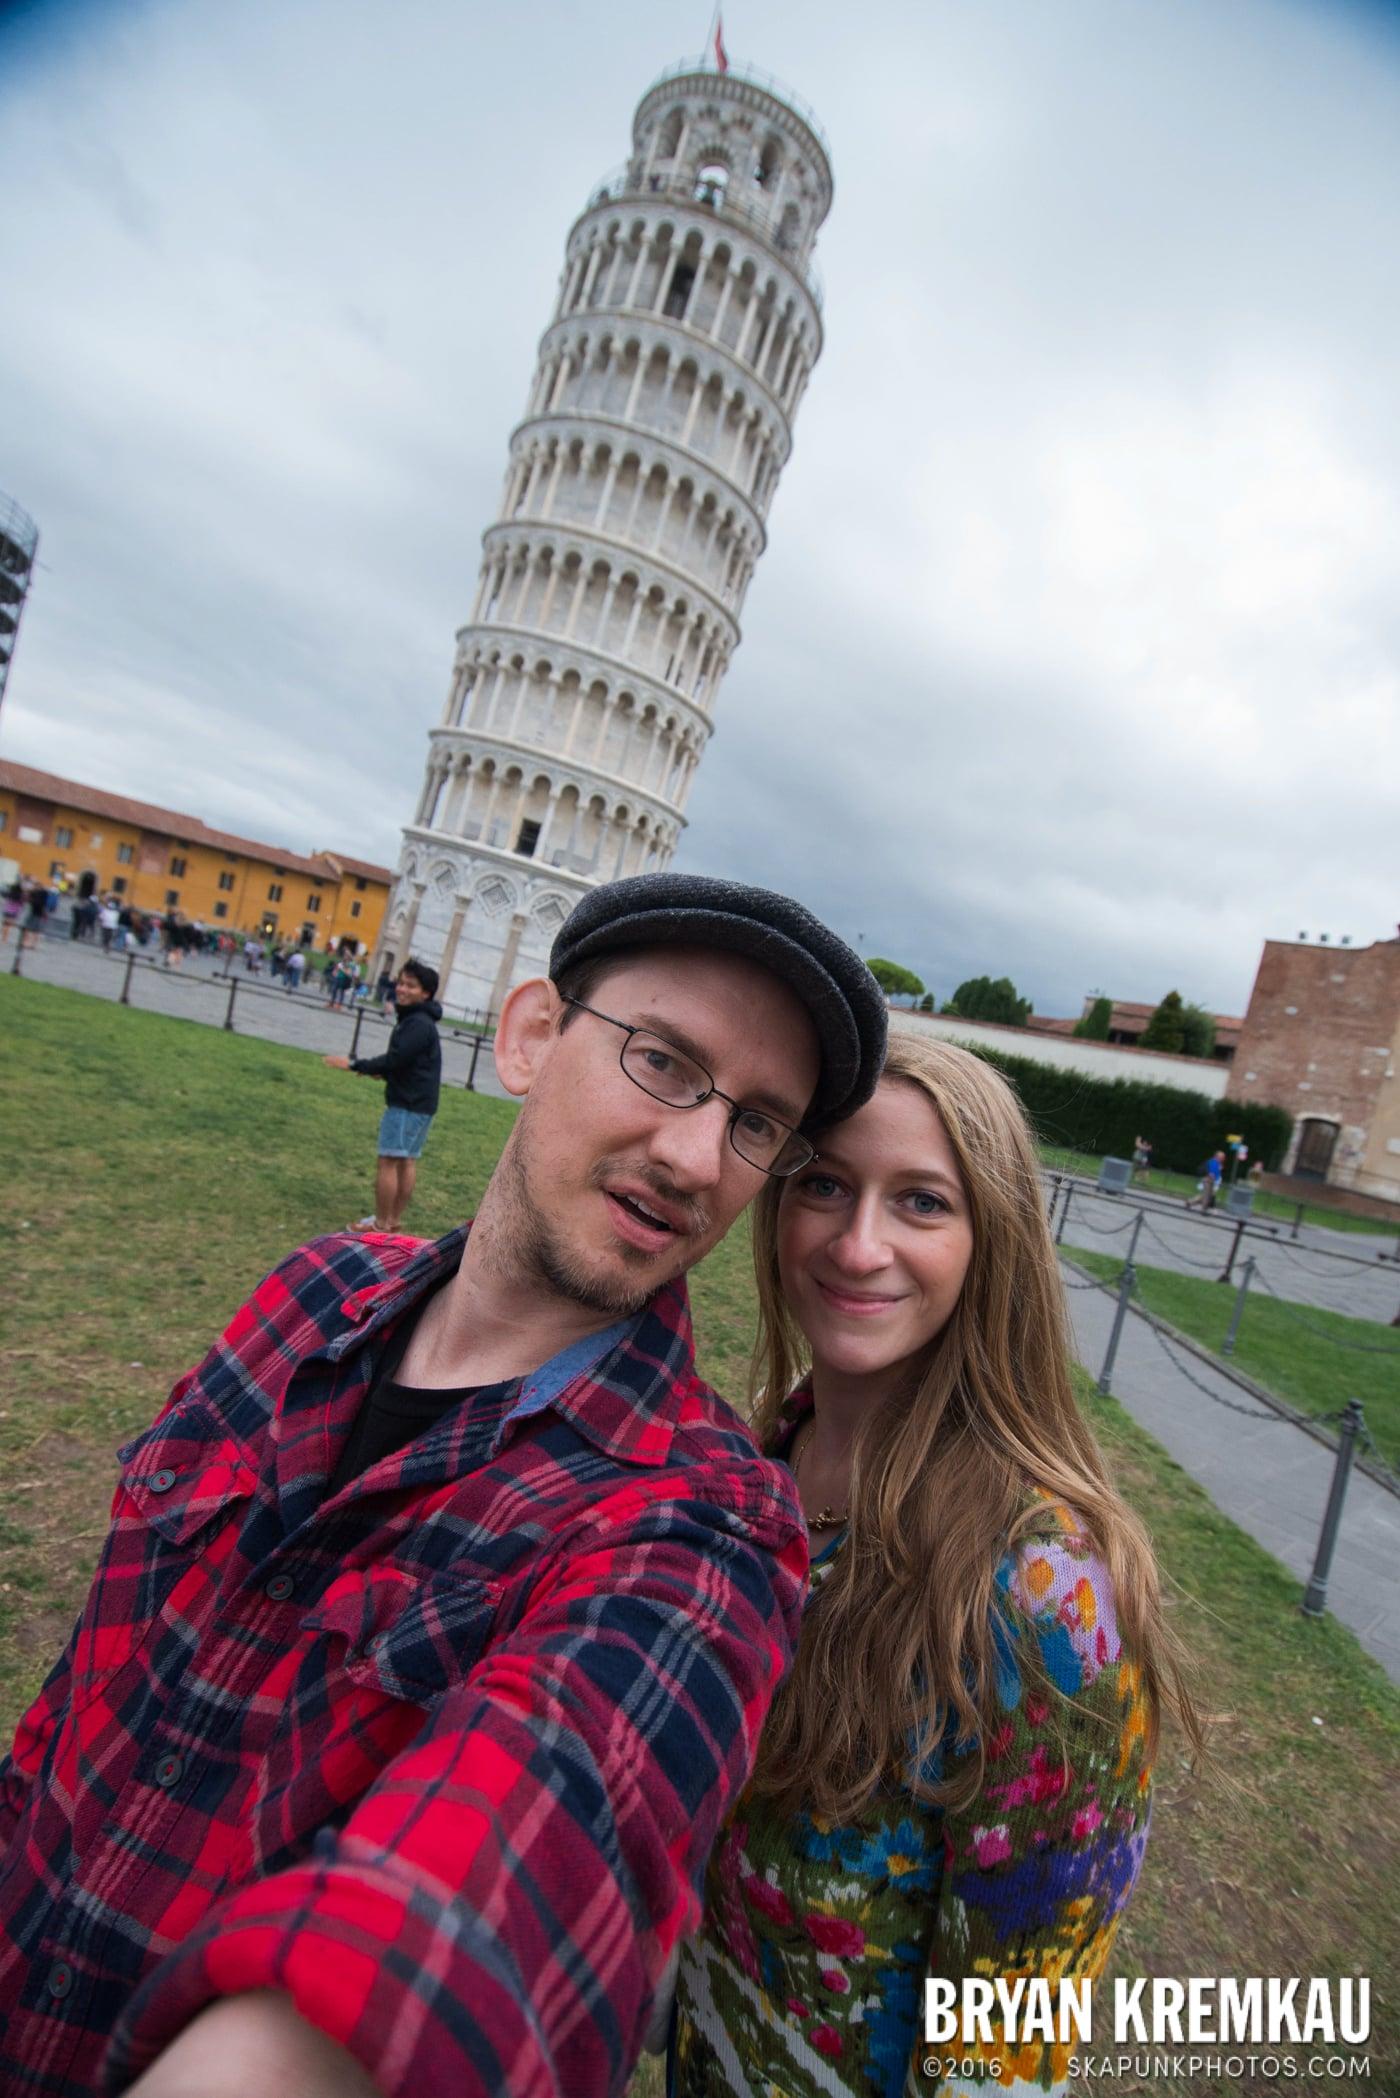 Italy Vacation - Day 8: Siena, San Gimignano, Chianti, Pisa - 9.16.13 (21)